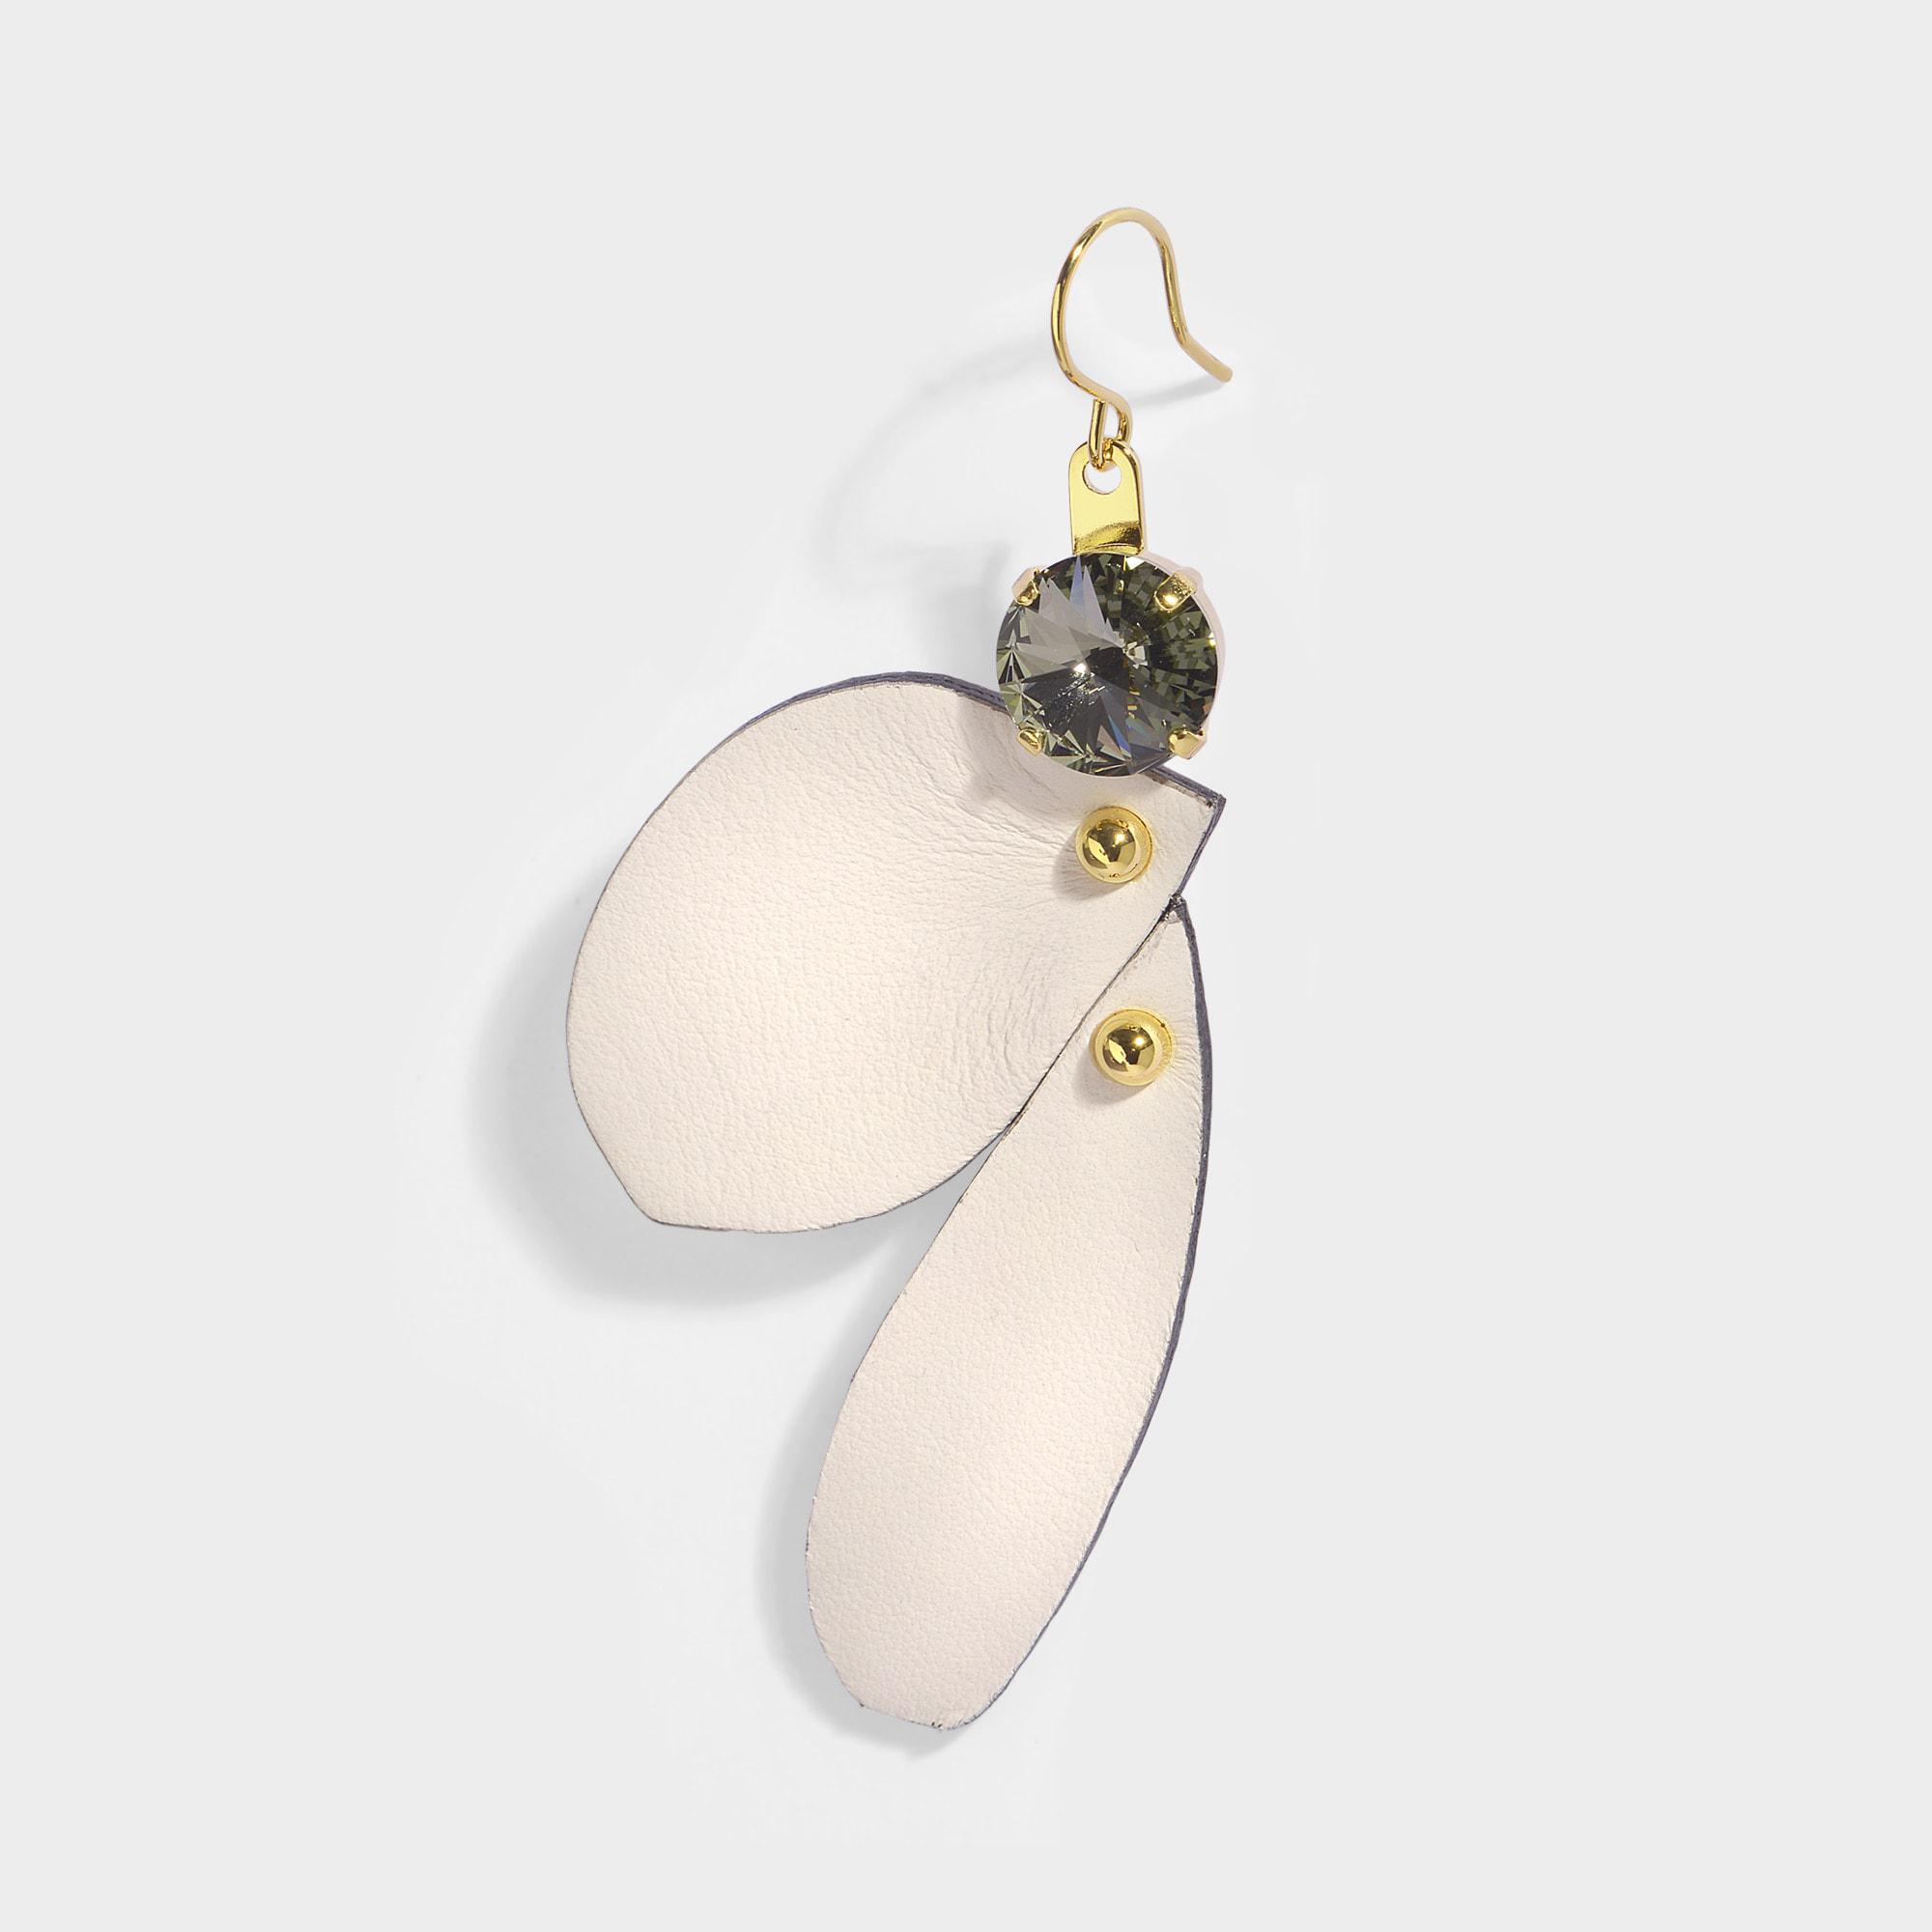 Marni Petal in Resin Earrings i3APo